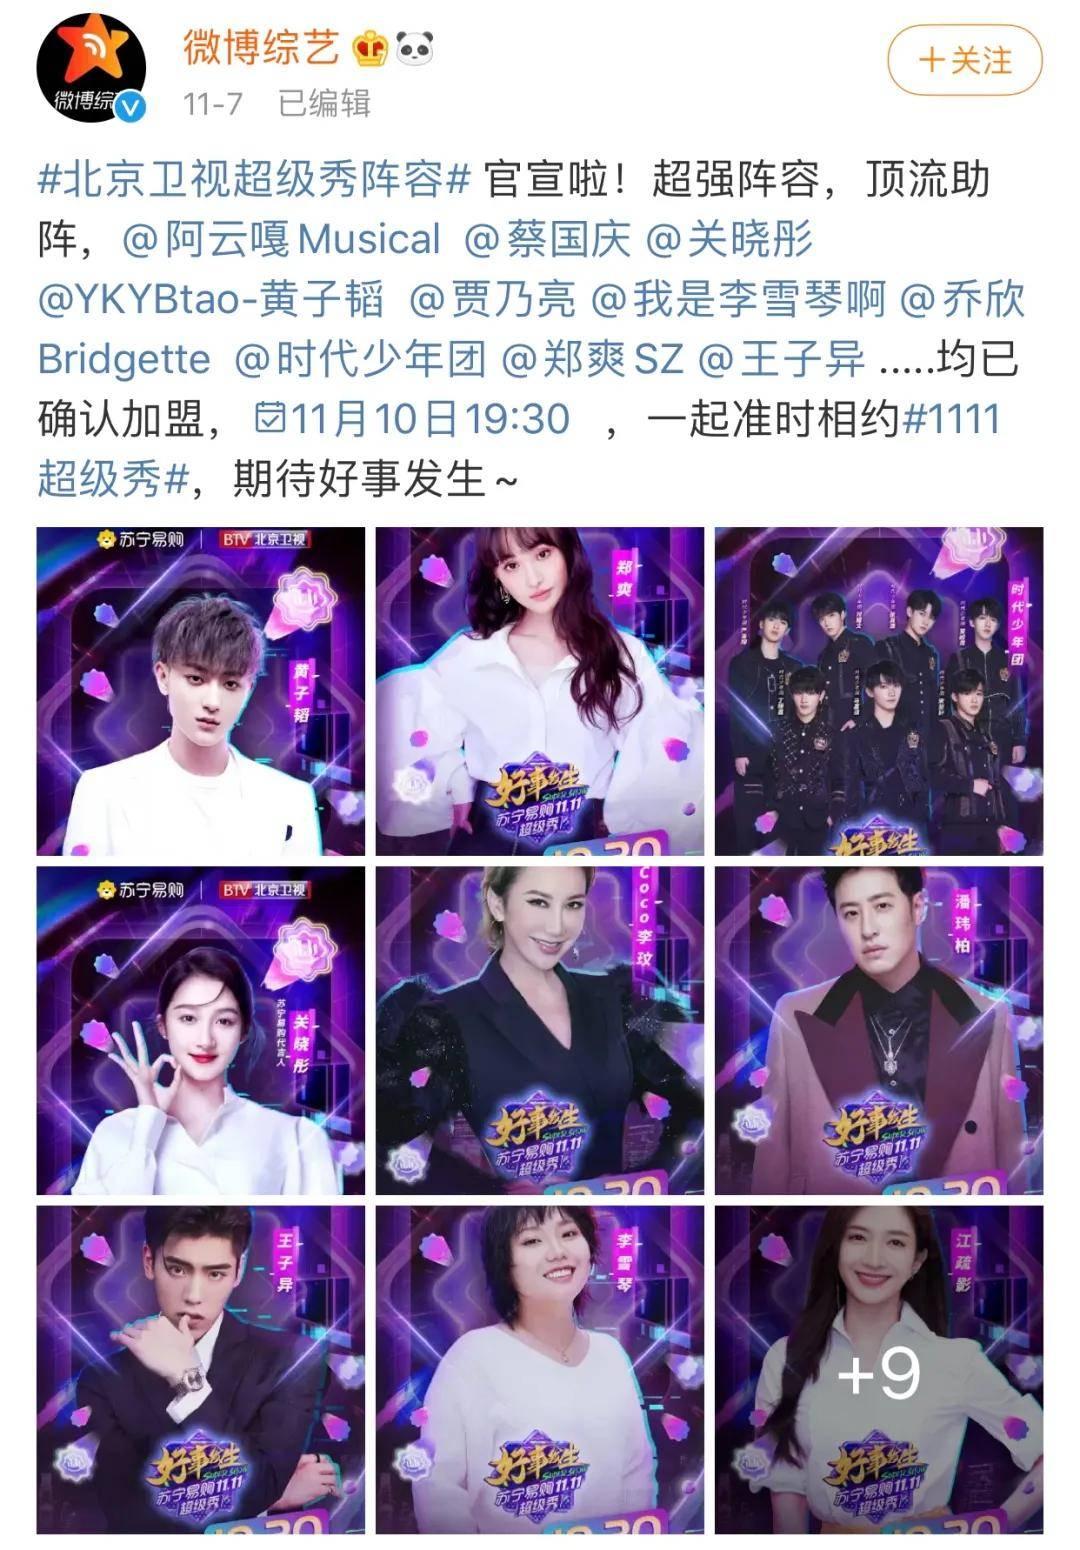 原创             苏宁双十一超级秀「落户」北京,意味着什么?